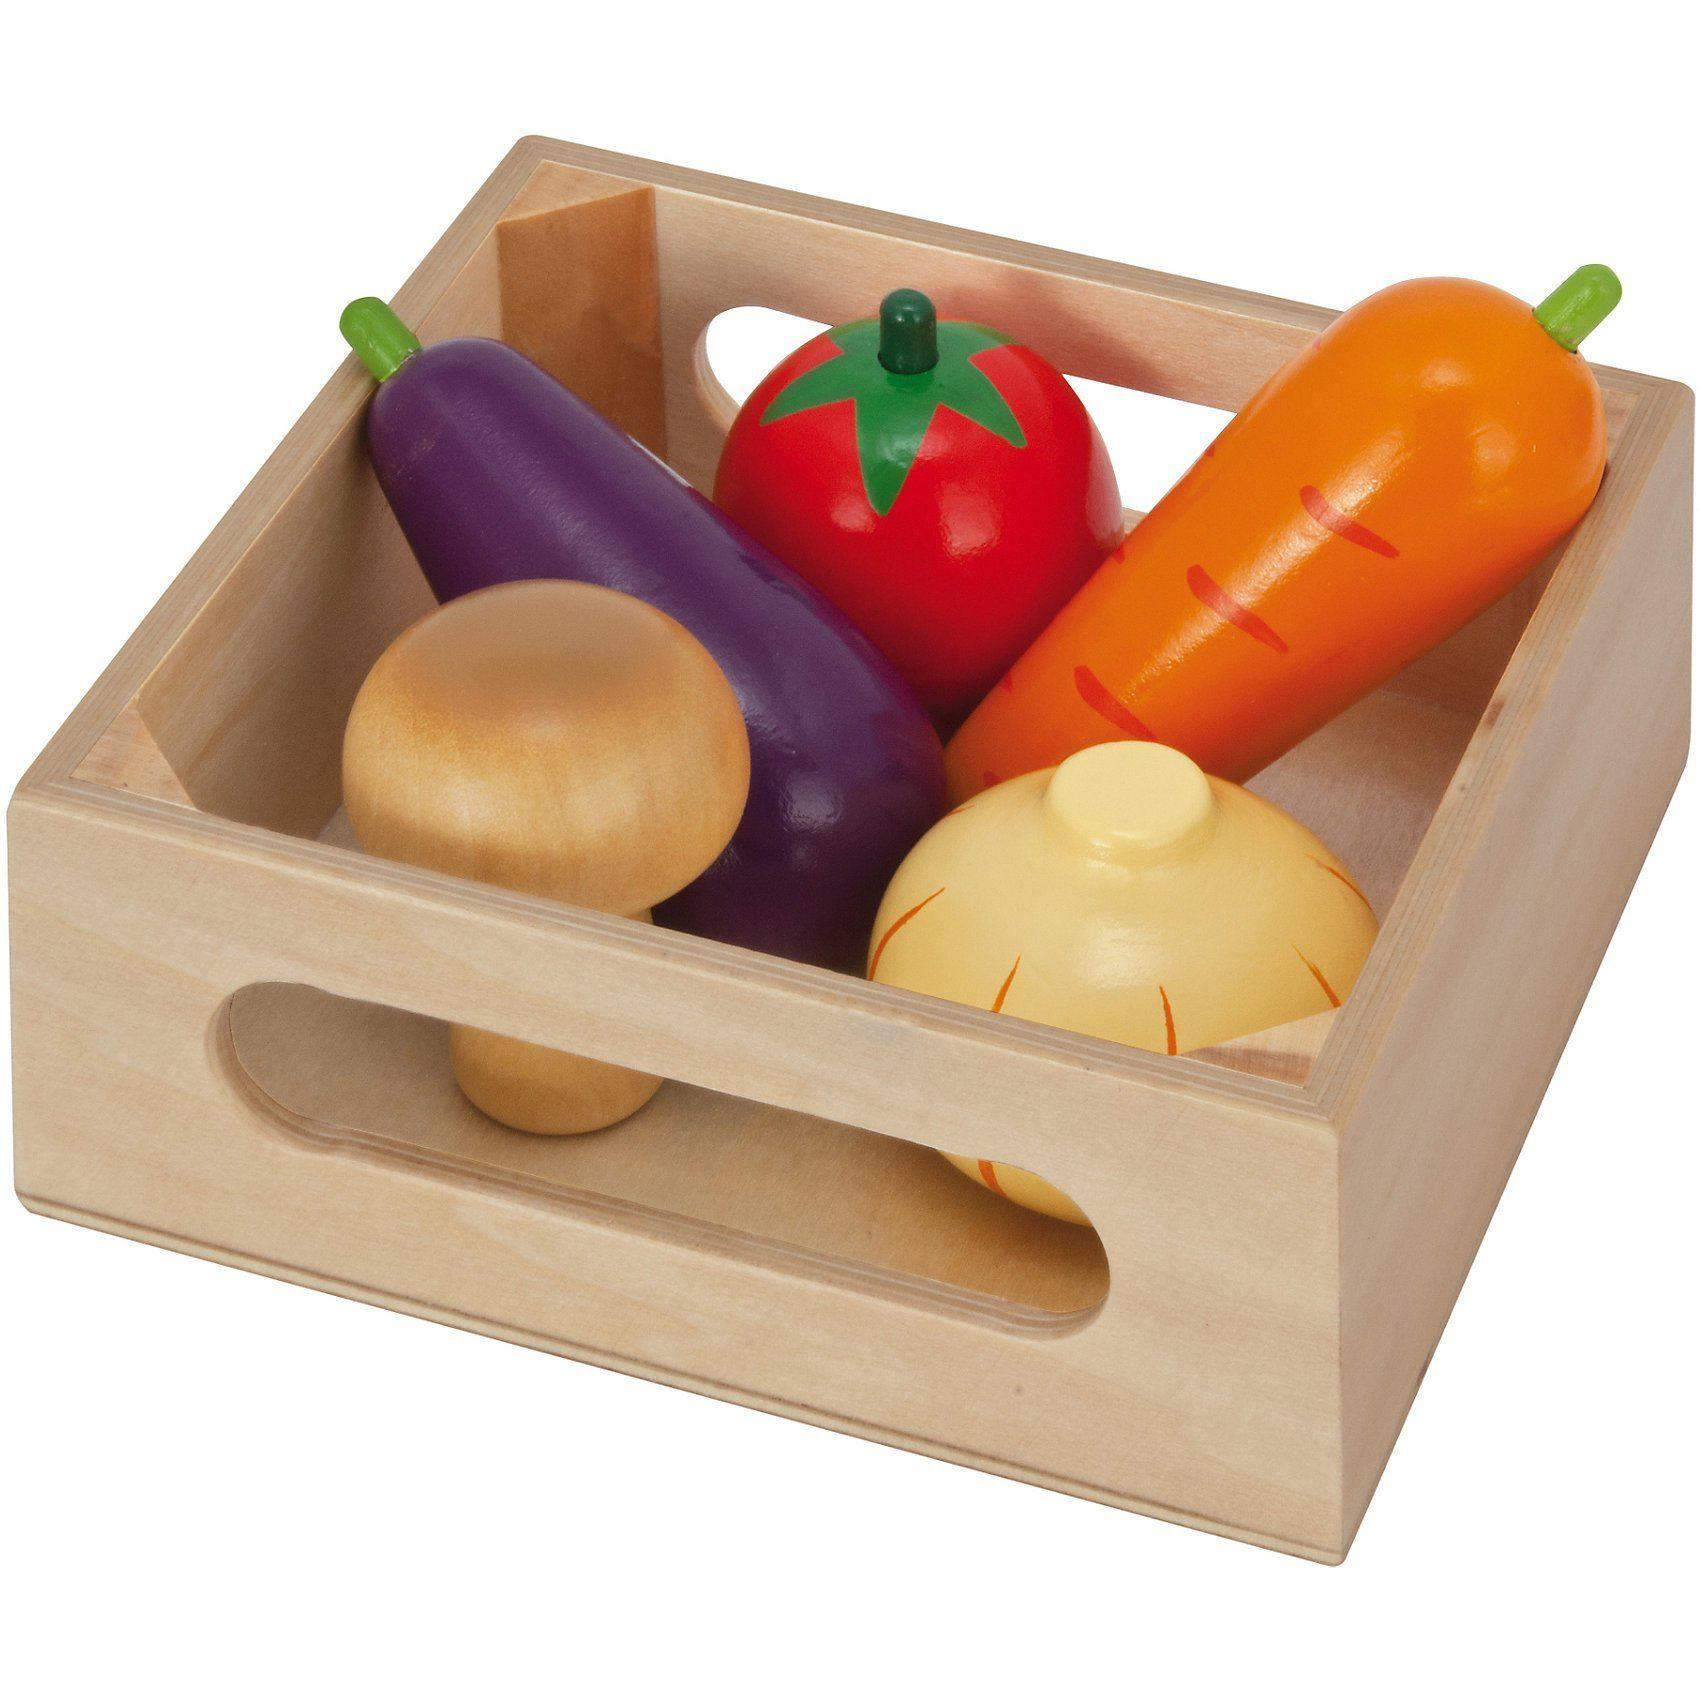 Eichhorn Spiellebensmittel Holzbox mit Gemüse